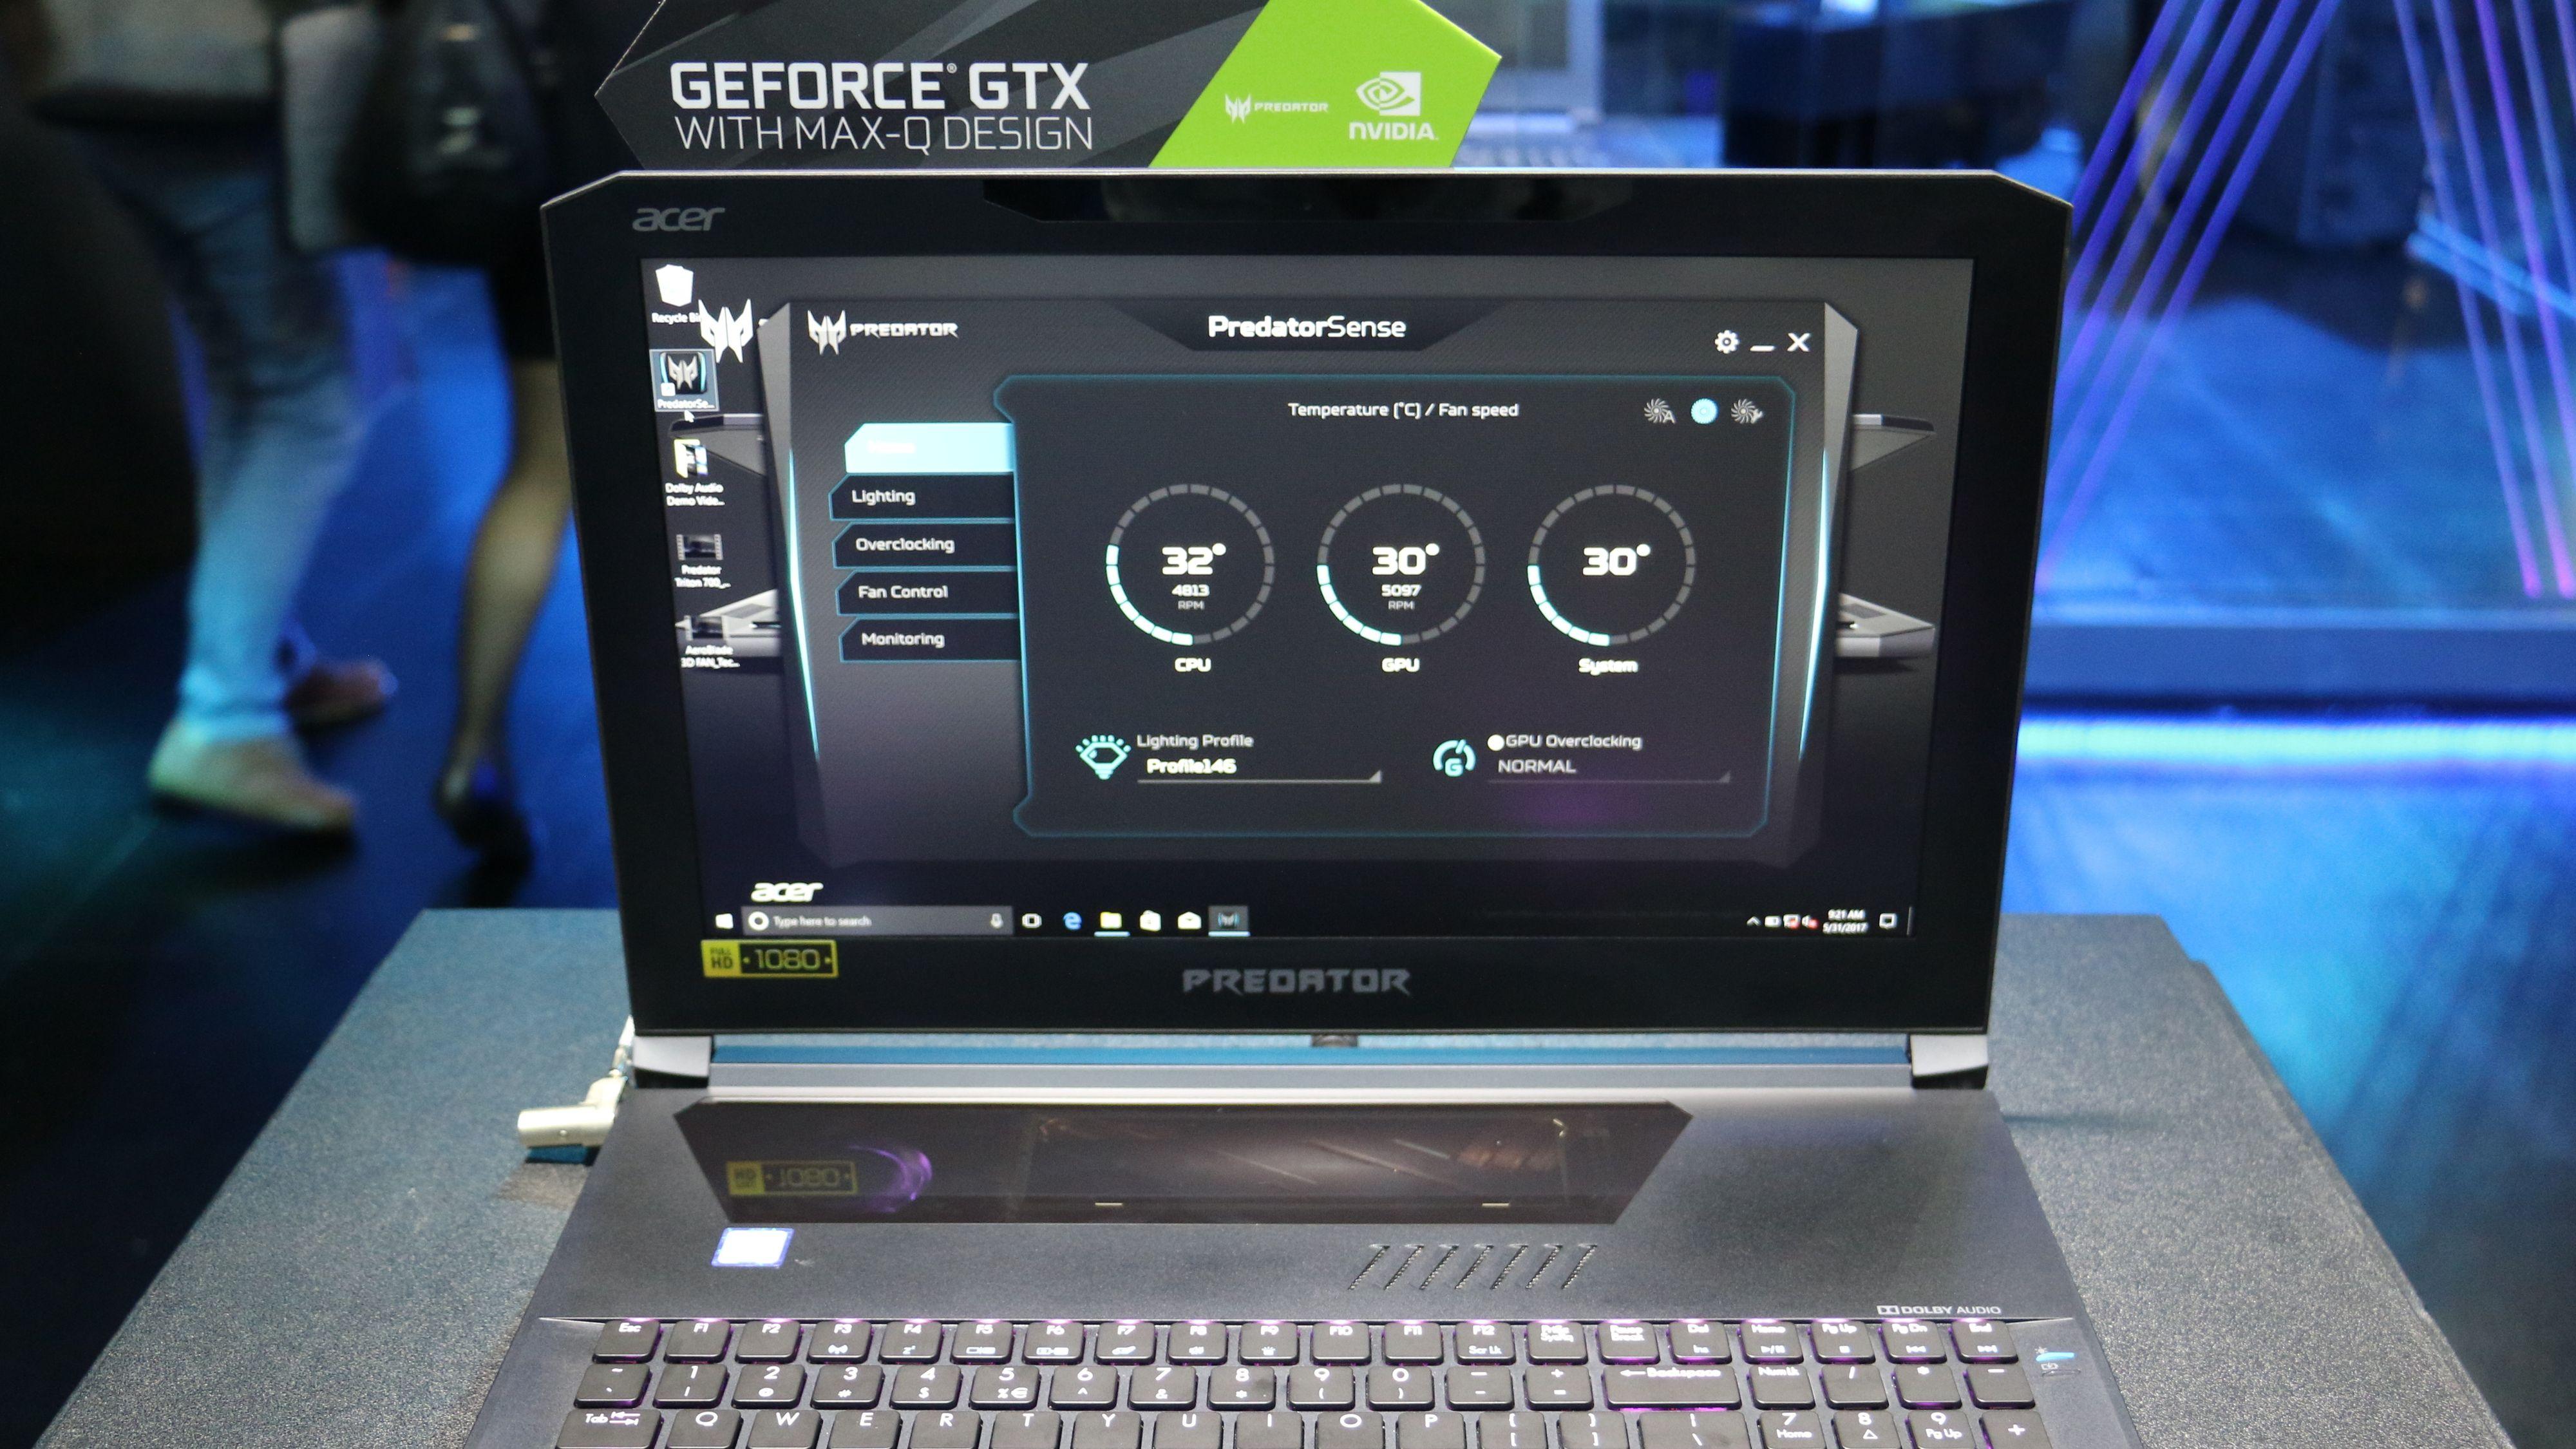 Lær deg dette navnet: Max-Q. Det er den nye generasjon av ultraportable spillmaskiner